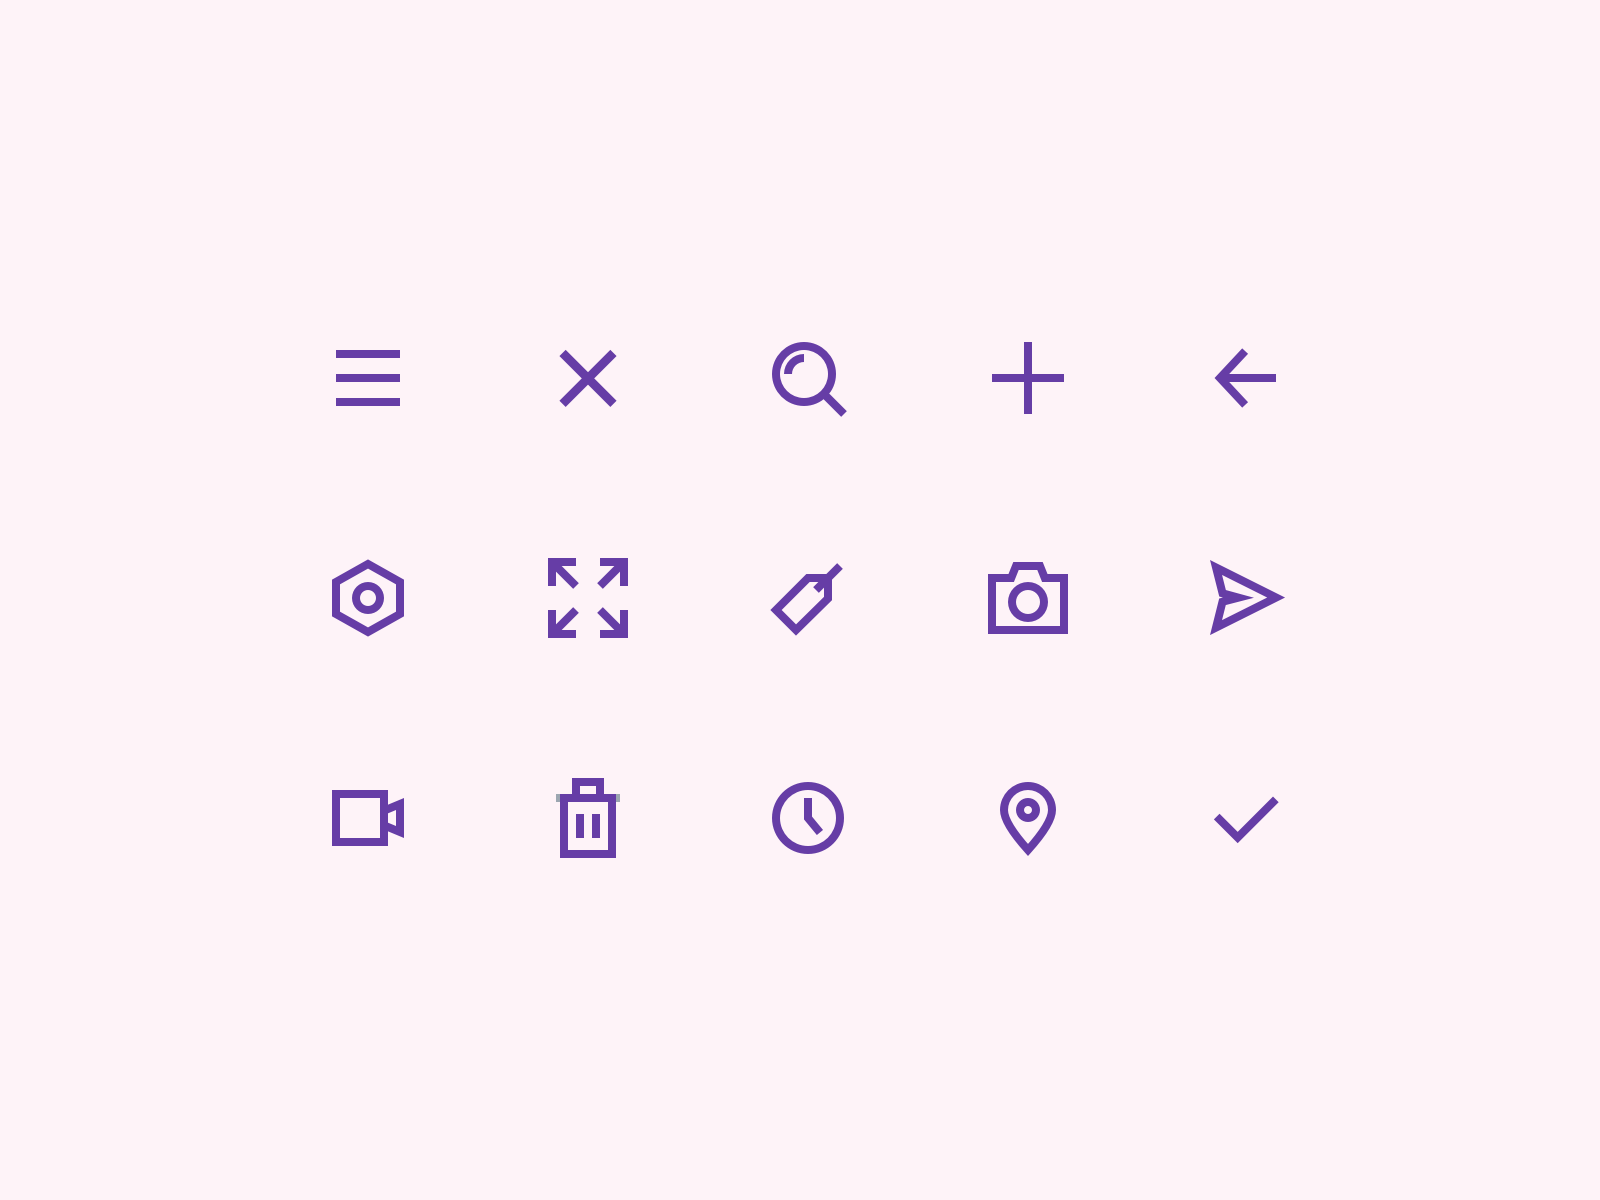 Icon 4x